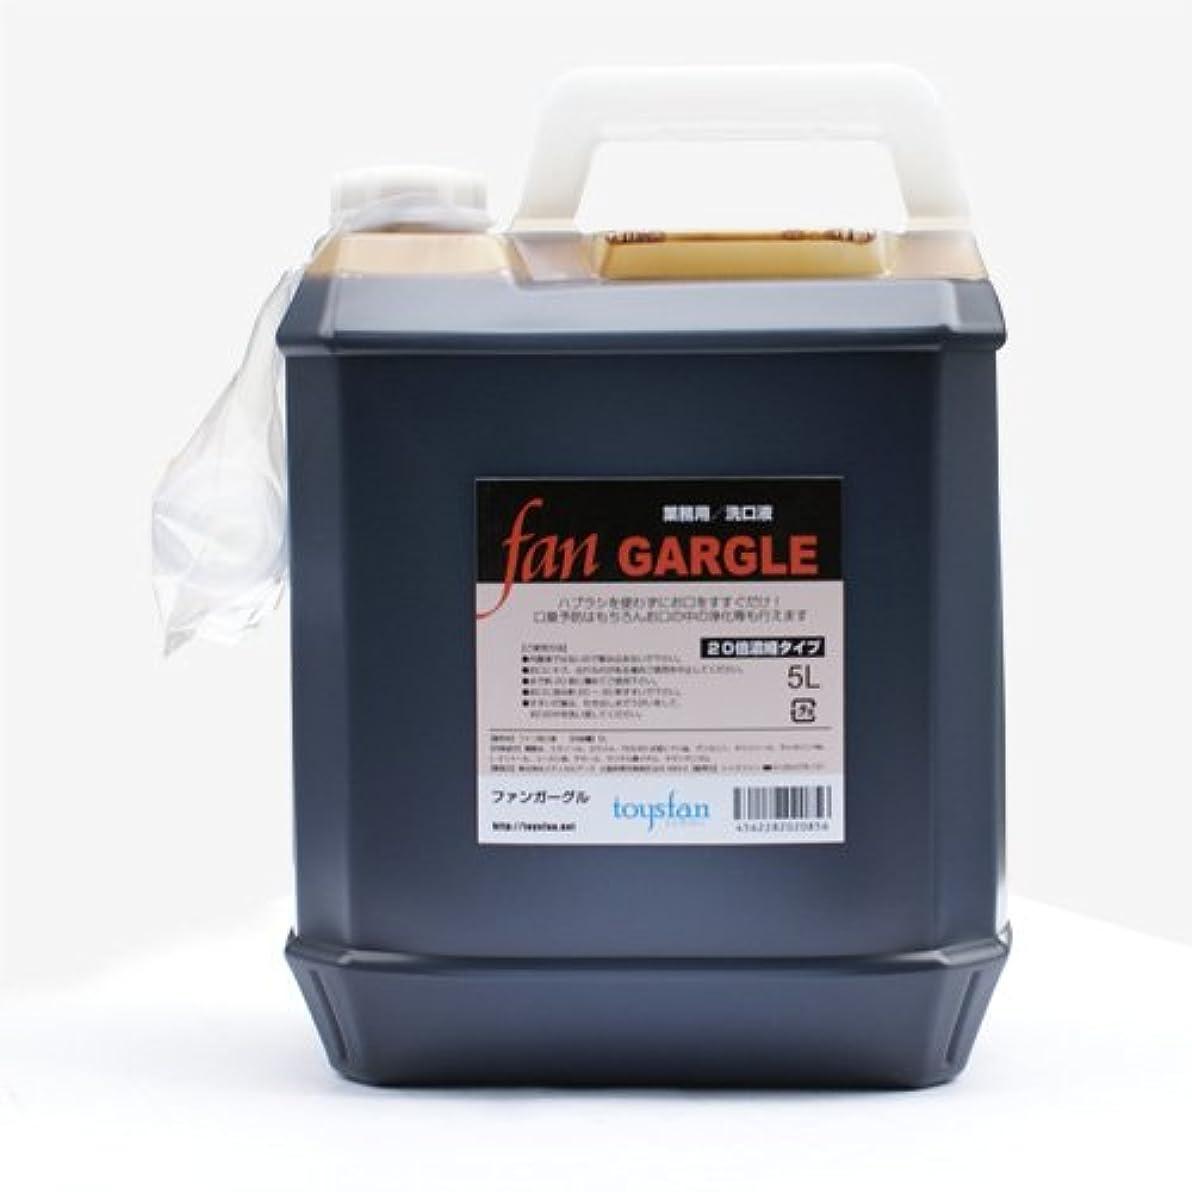 マーガレットミッチェル供給建築家ファンガーグル 5L(20倍濃縮)業務用洗口液